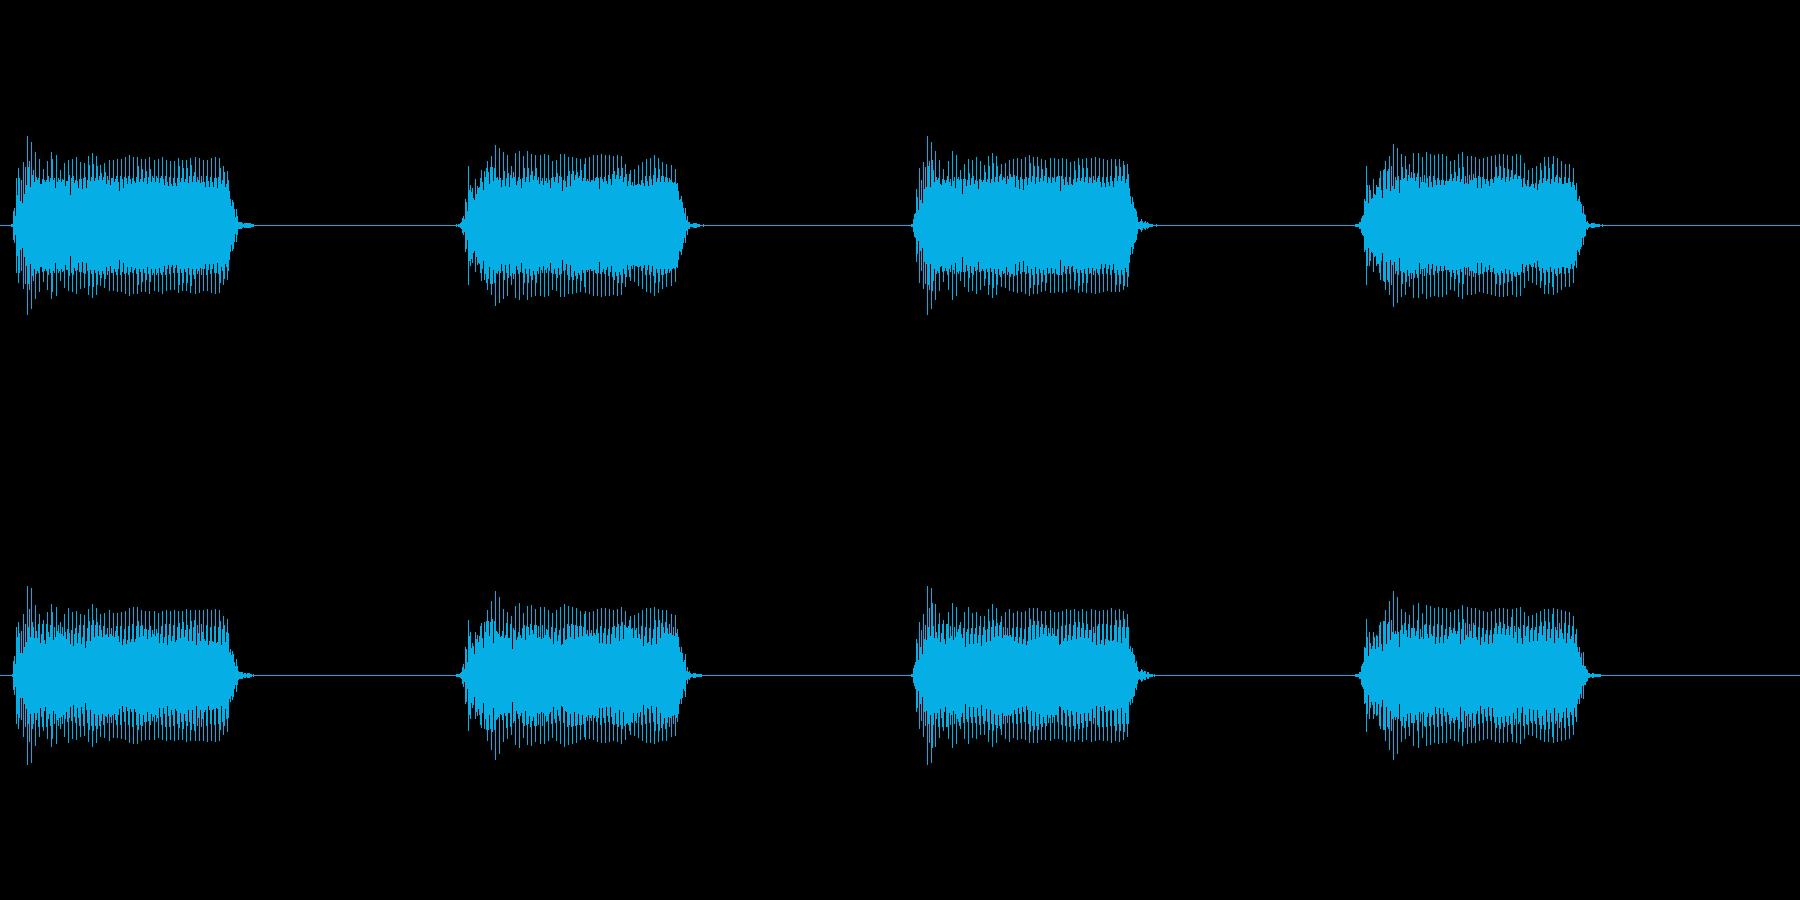 【携帯電話 バイブ01-5L】の再生済みの波形